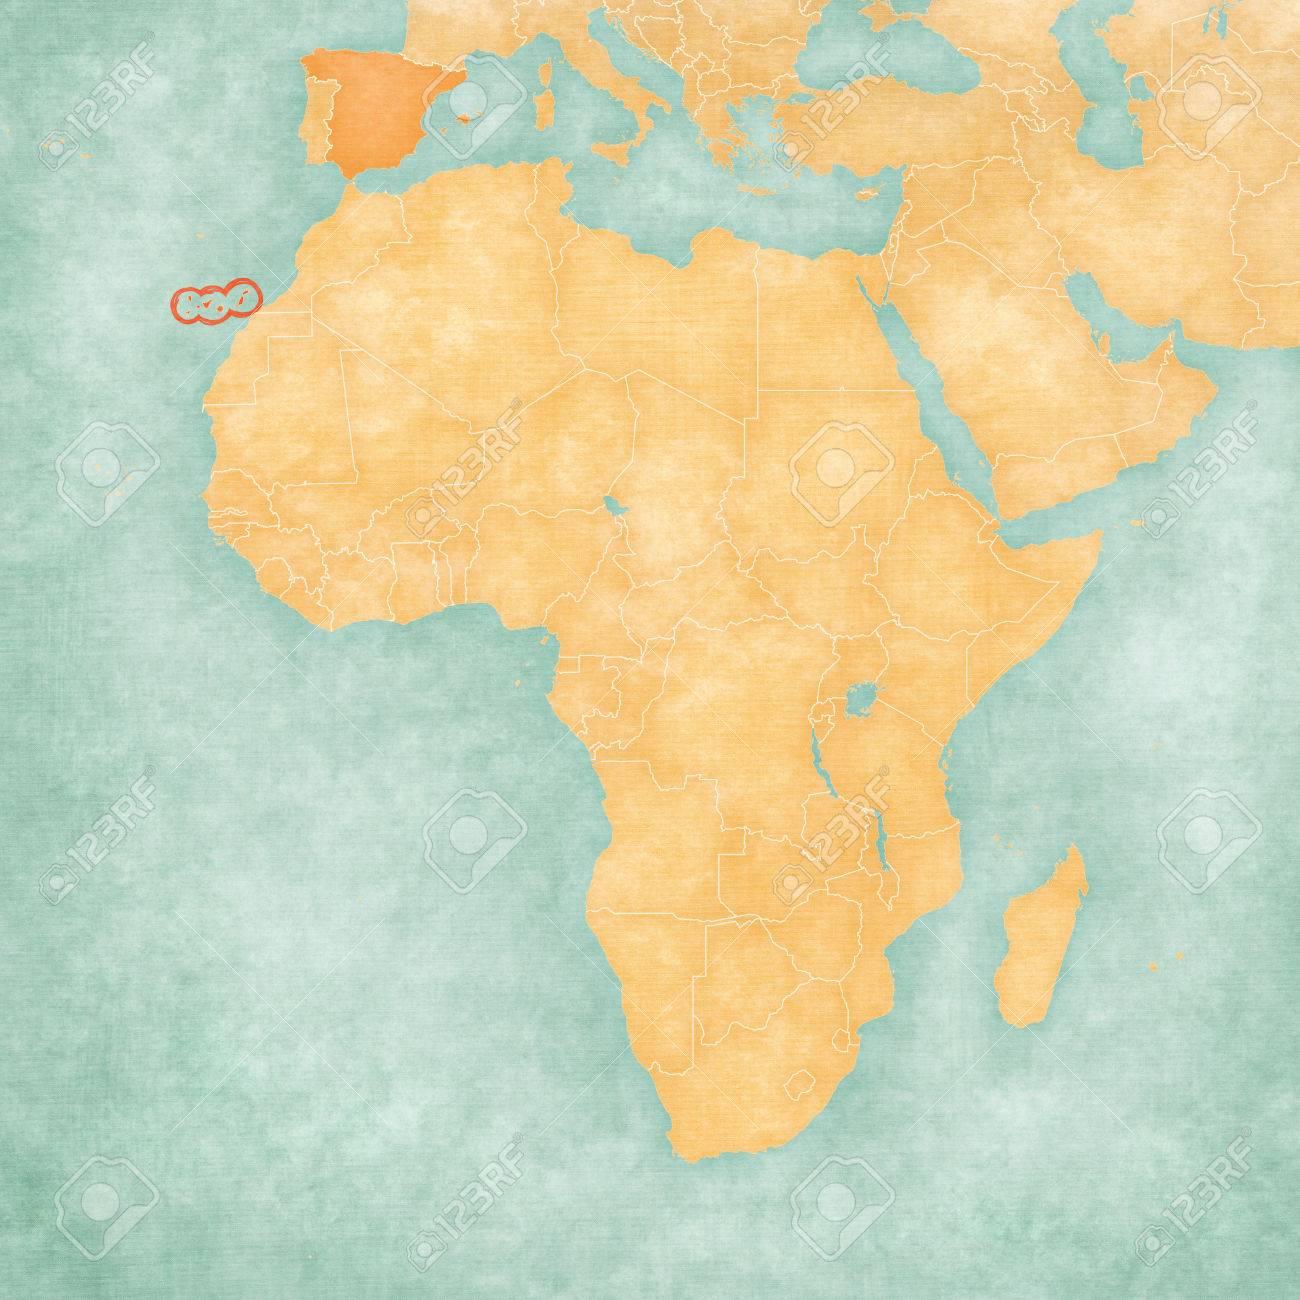 Cartina Spagna E Isole Canarie.Immagini Stock Isole Canarie Spagna Sulla Mappa D Africa La Mappa E In Grunge Morbido E Stile Vintage Come La Pittura Ad Acquerello Su Carta Vecchia Image 66371074